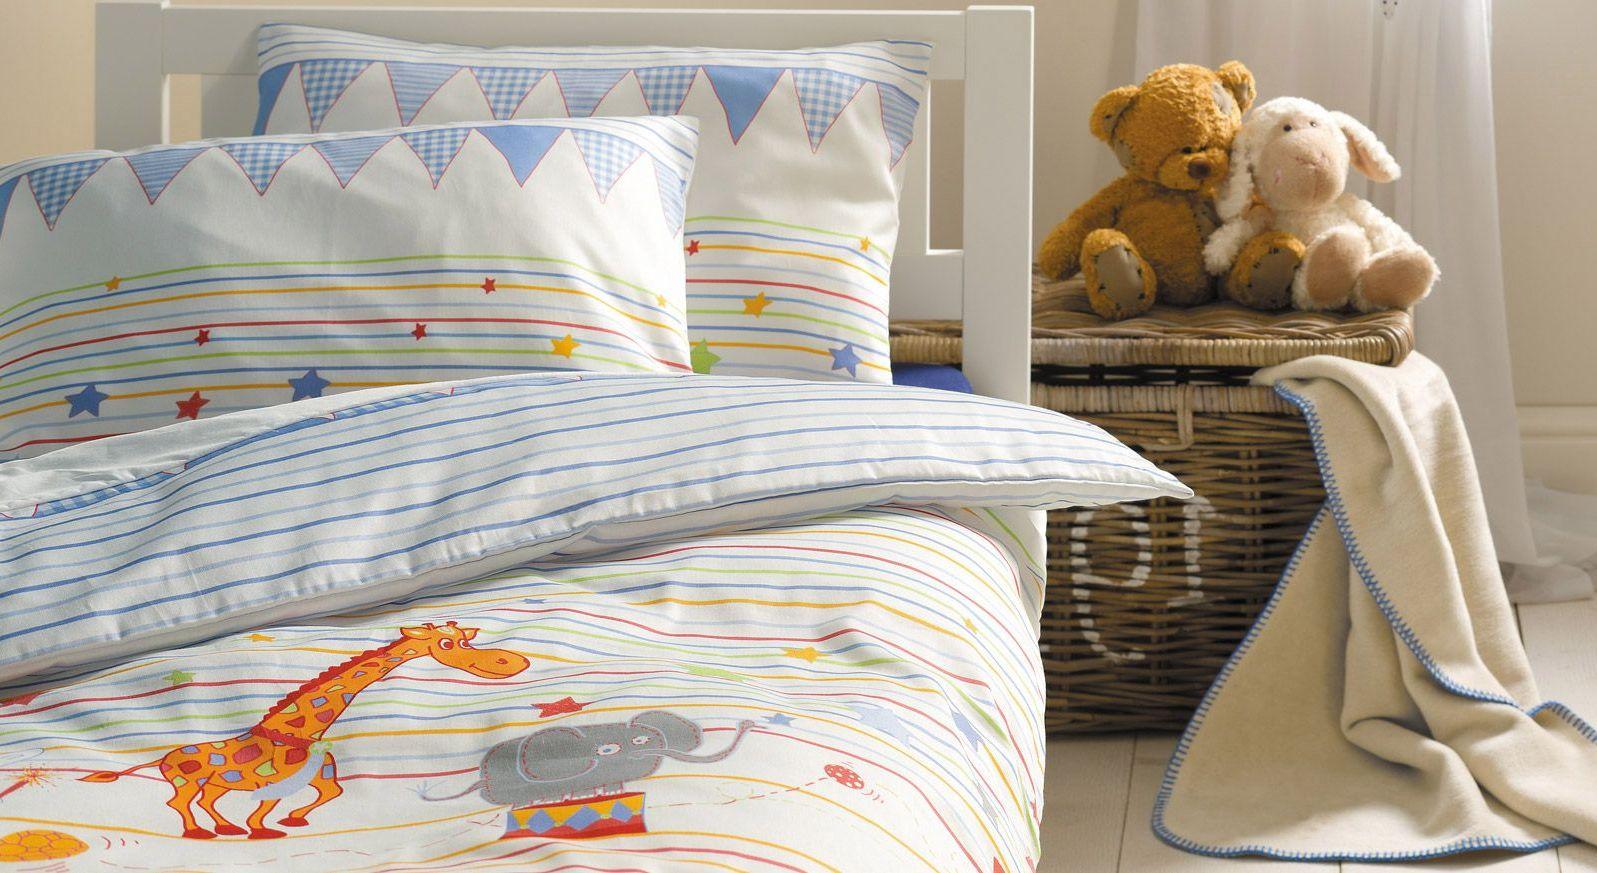 Bettwäsche Für Kinder Bei Betten.at